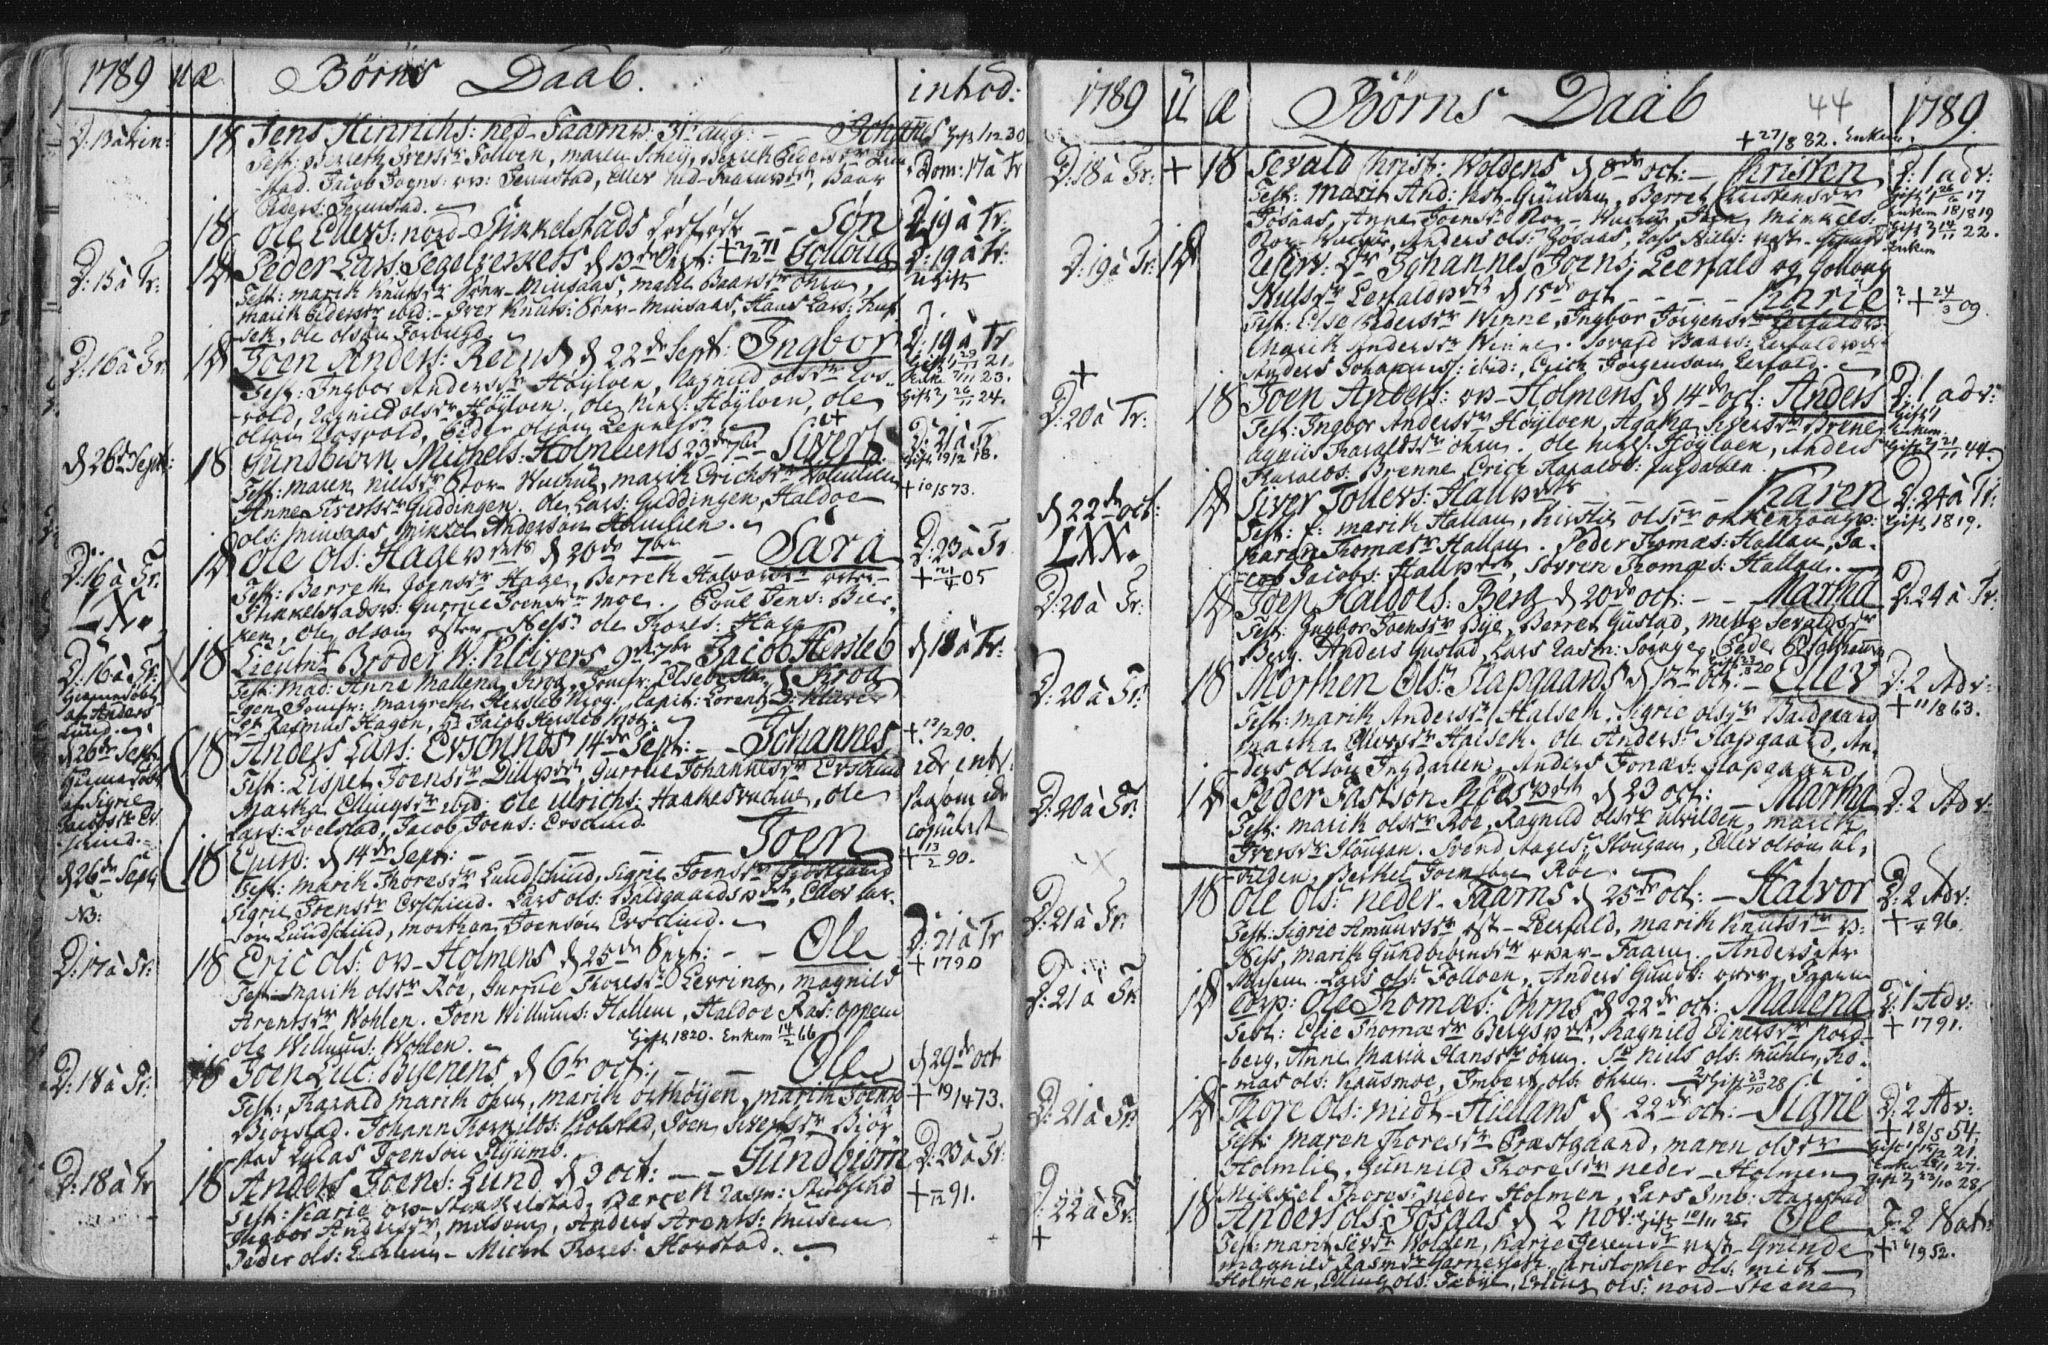 SAT, Ministerialprotokoller, klokkerbøker og fødselsregistre - Nord-Trøndelag, 723/L0232: Ministerialbok nr. 723A03, 1781-1804, s. 44